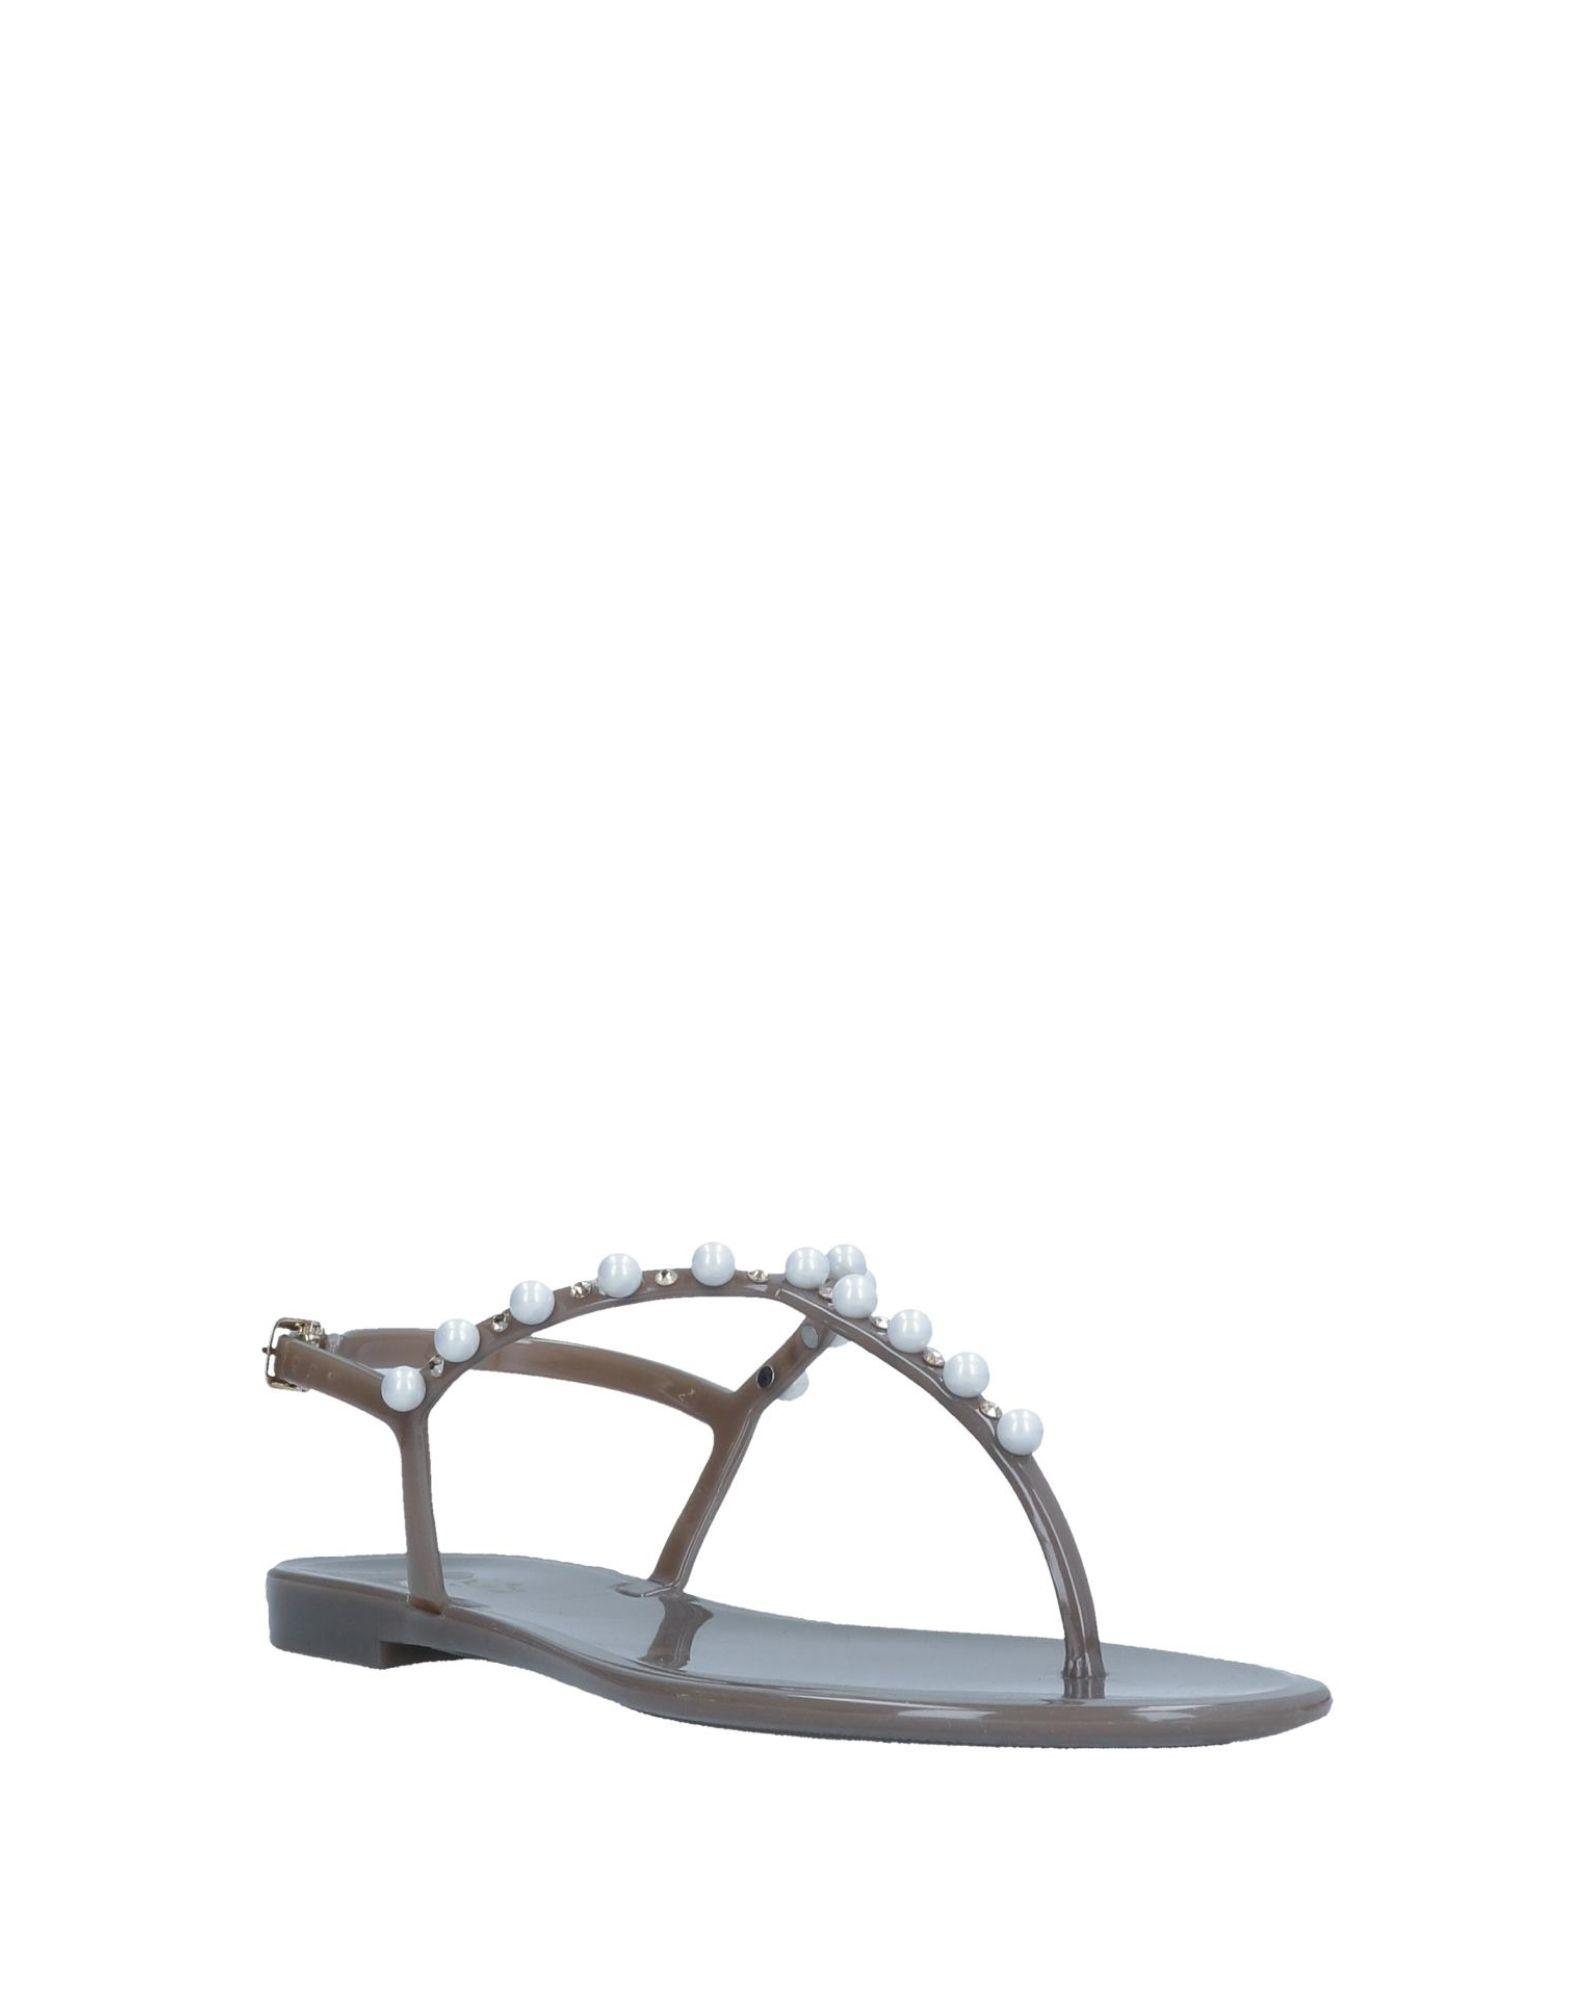 Mènghi Sandalen Damen  44957025RO 44957025RO  Gute Qualität beliebte Schuhe f1a519